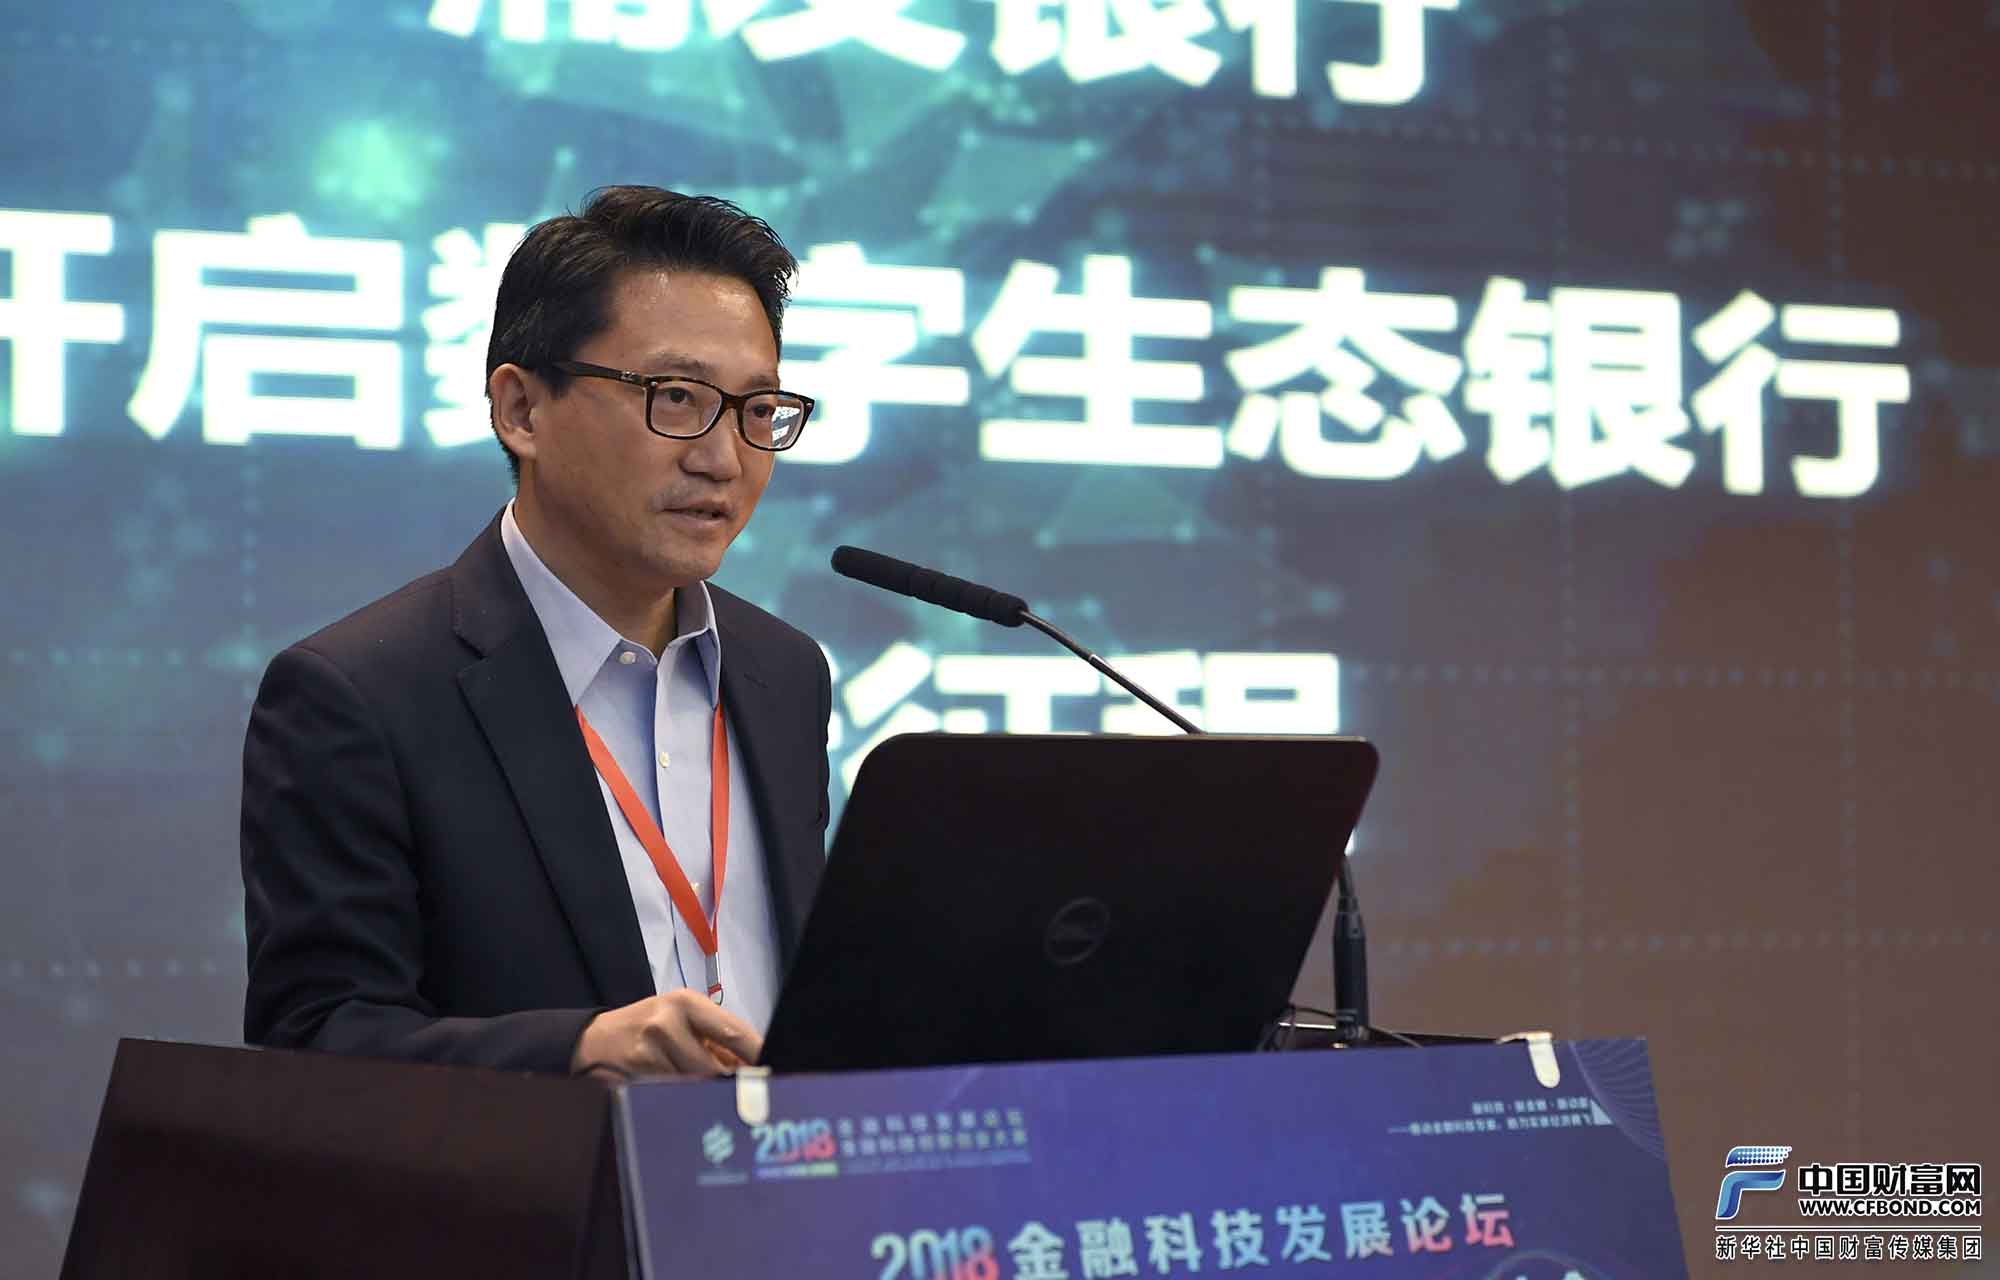 上海浦东发展银行信息科技部副总经理黄炜演讲